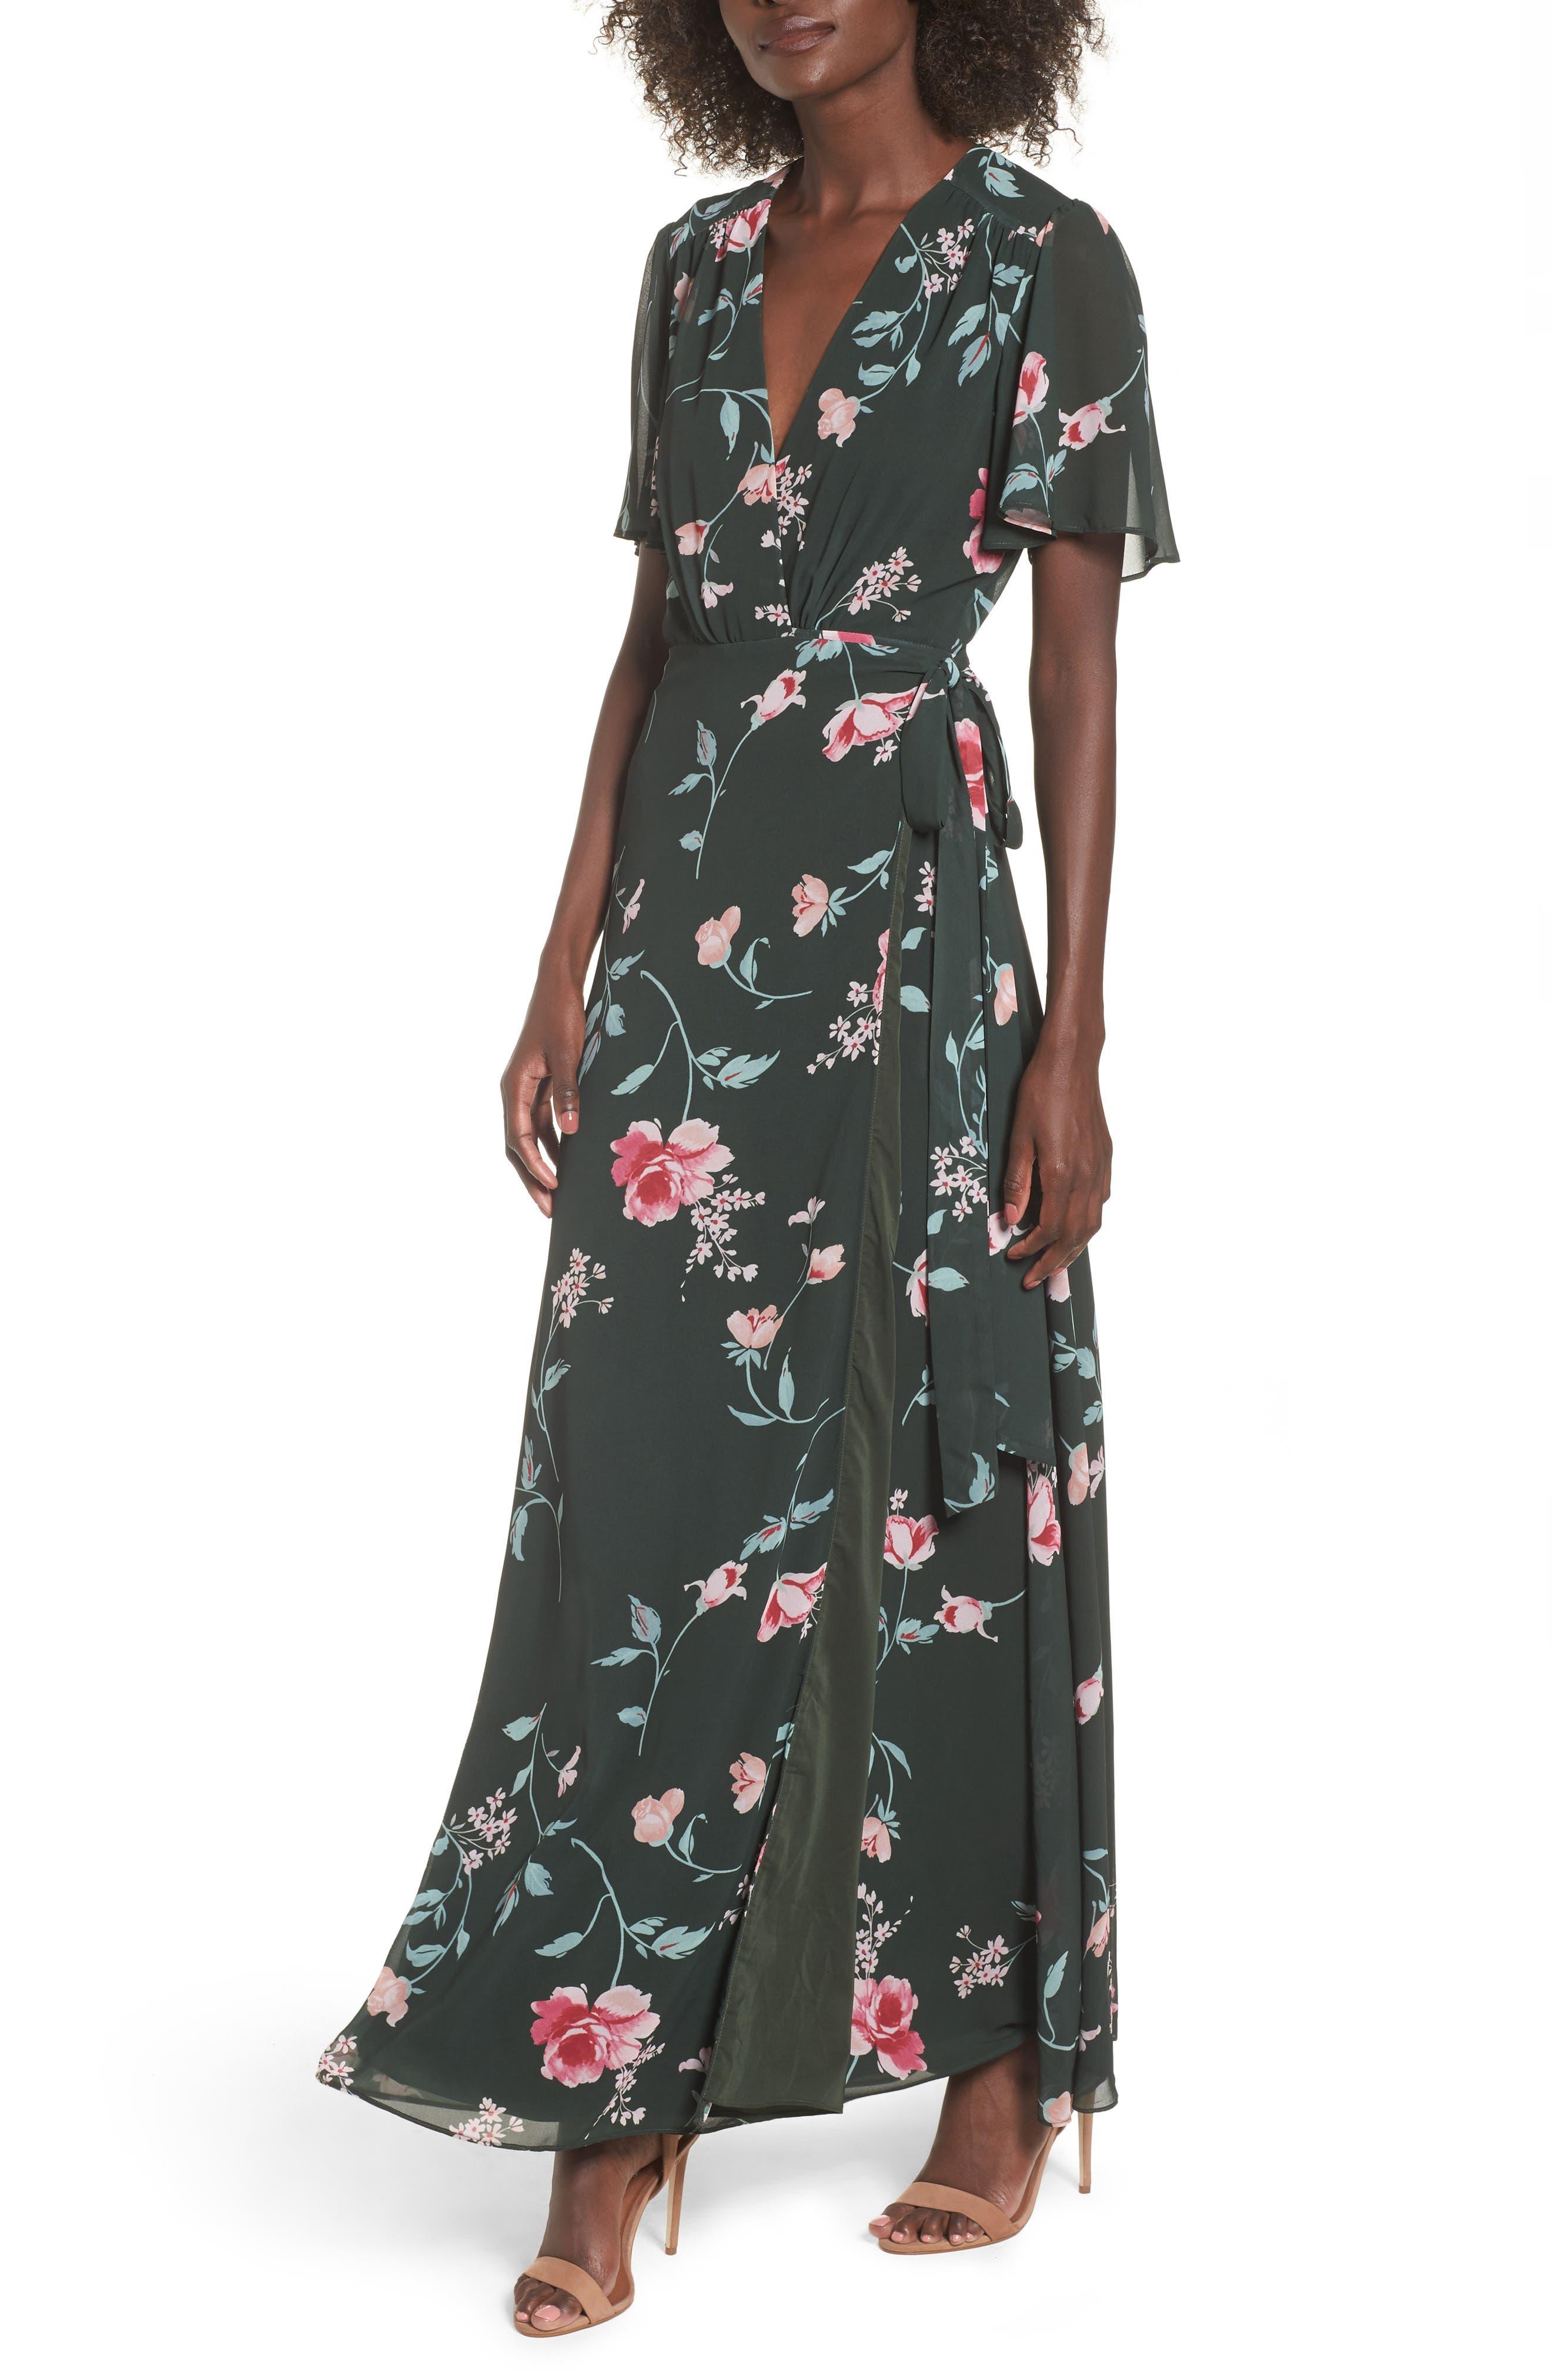 Plaza Kimono Maxi Dress,                         Main,                         color, Evergreen Floral